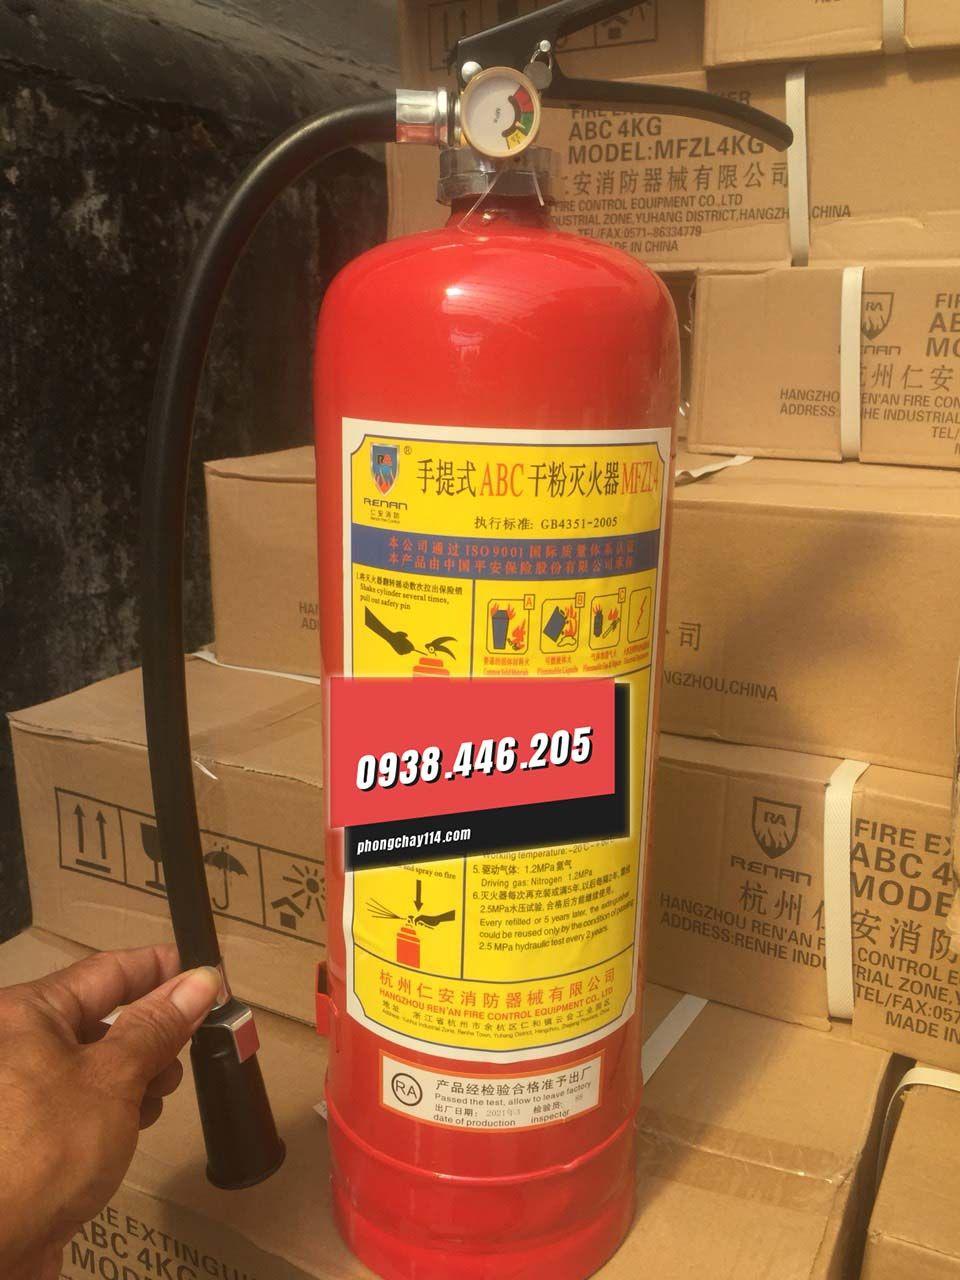 Bình chữa cháy Renan bột BC/ABC mfzl4 4kg